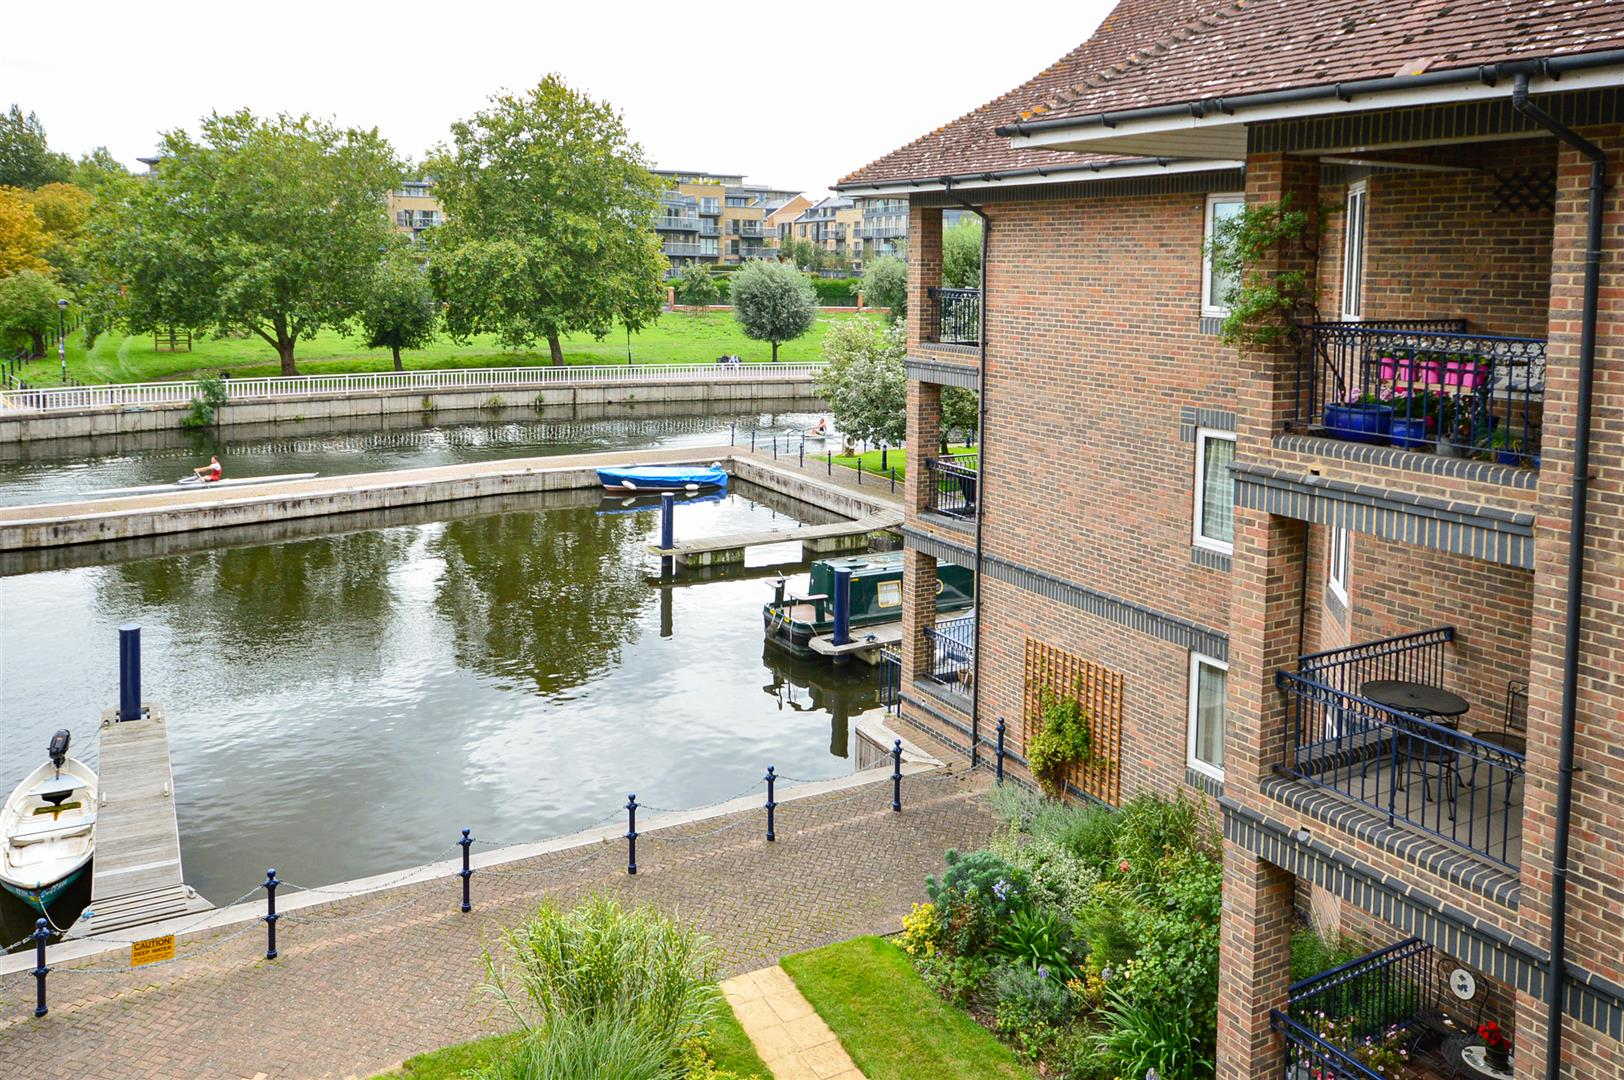 The Eights Marina, Mariners Way, Cambridge